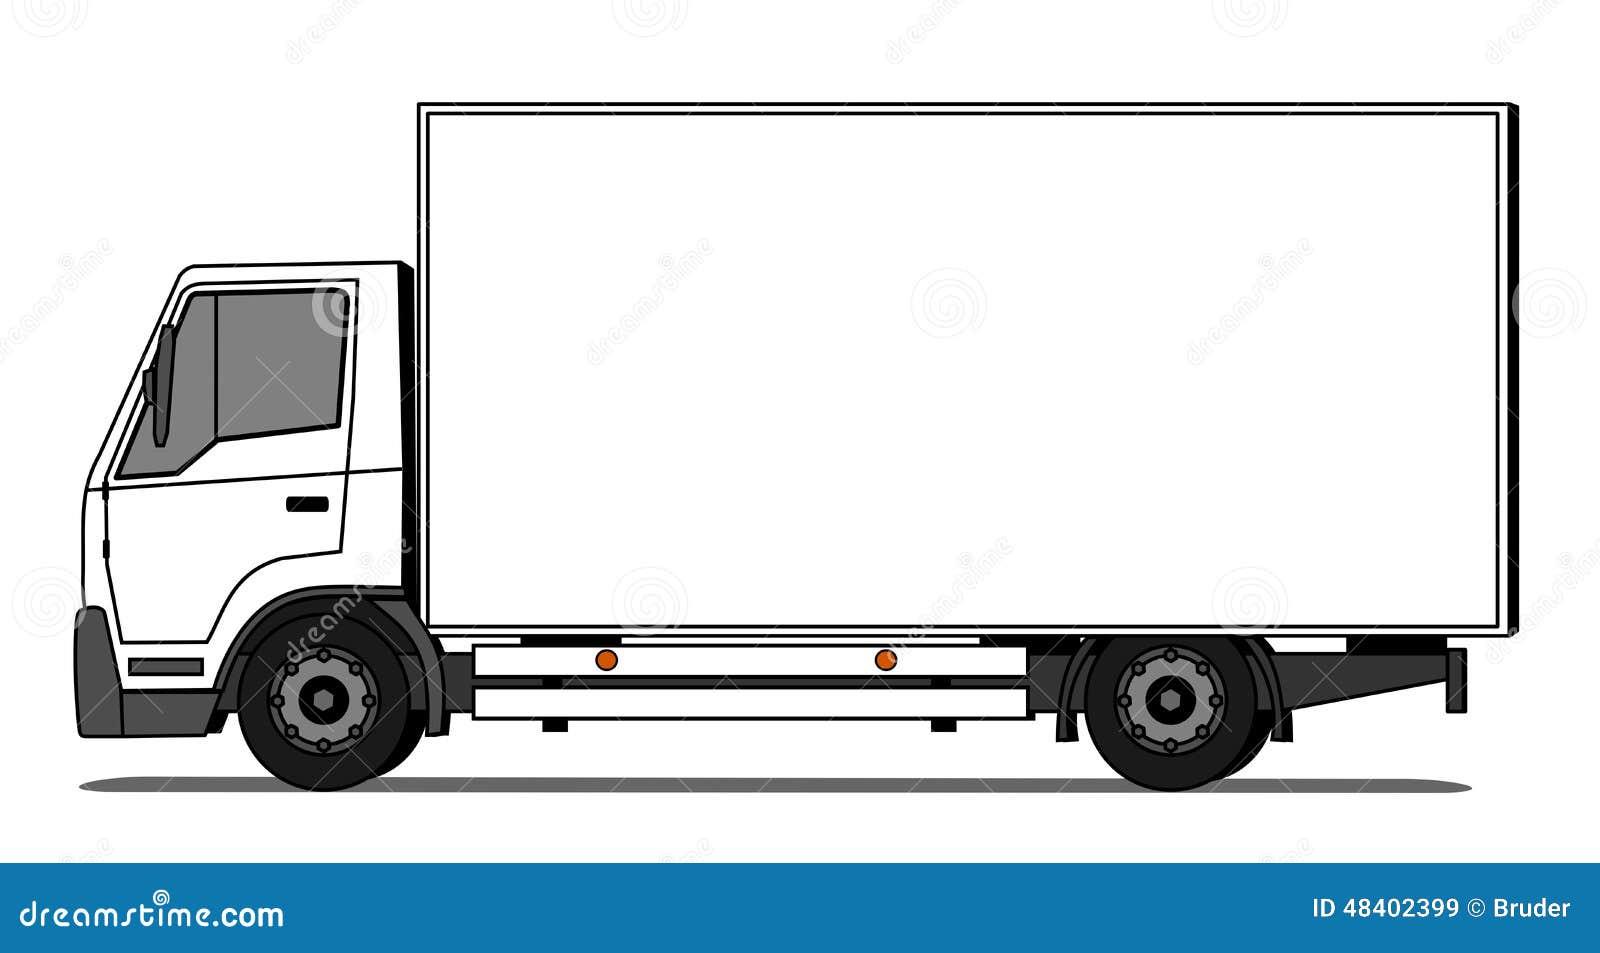 lieferwagen vektor abbildung illustration von marke 48402399. Black Bedroom Furniture Sets. Home Design Ideas